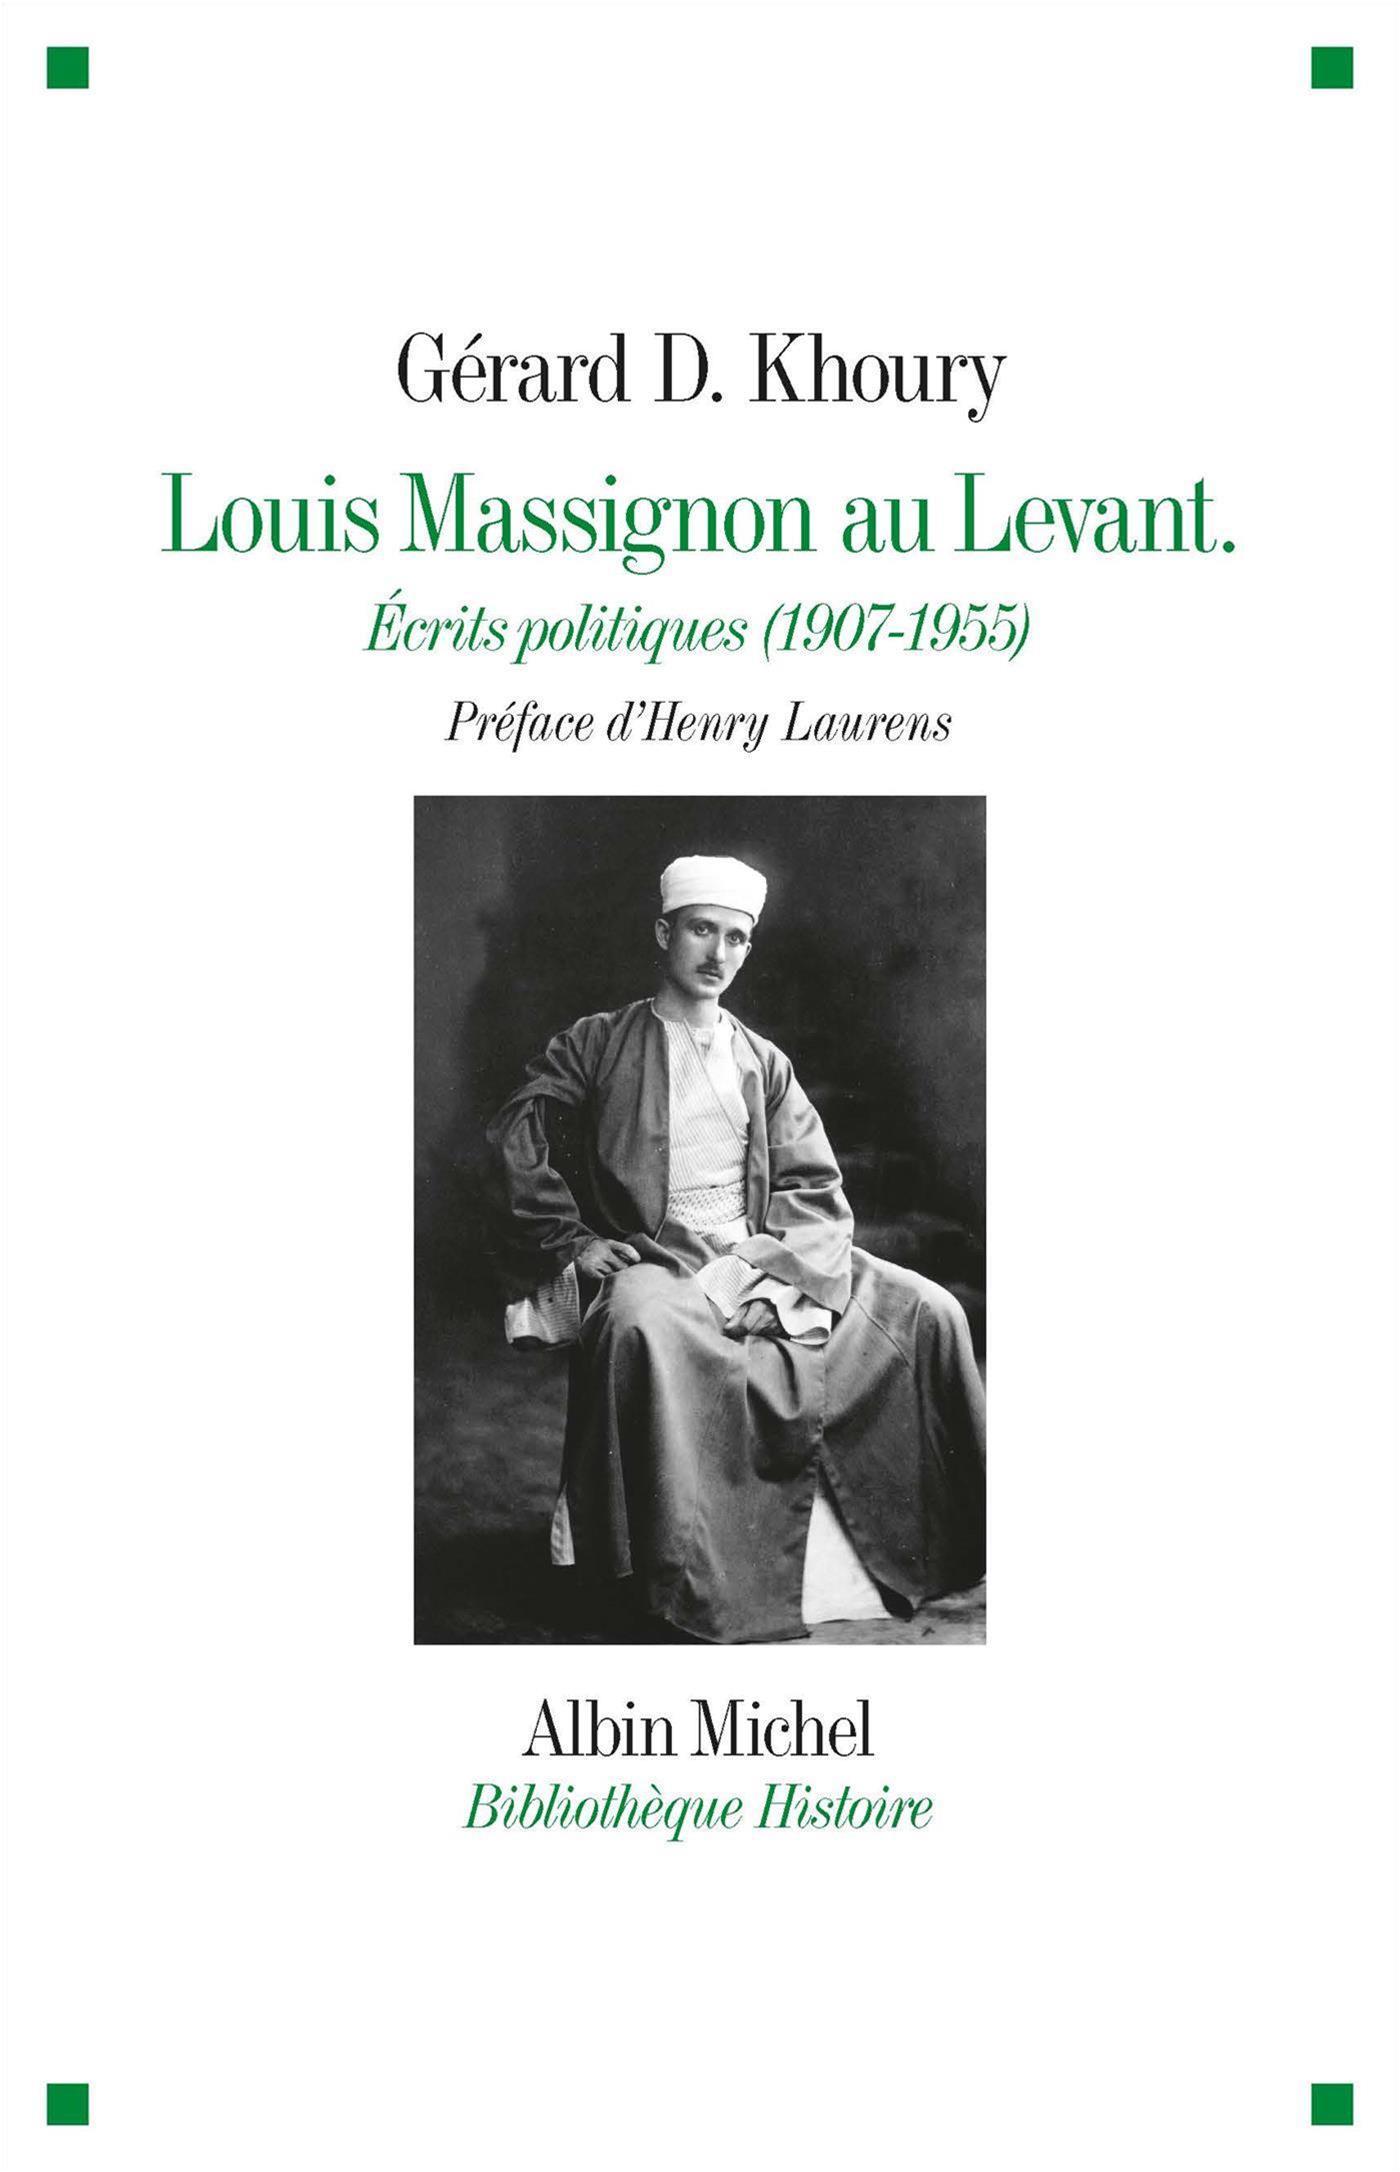 Louis Massignon au Levant